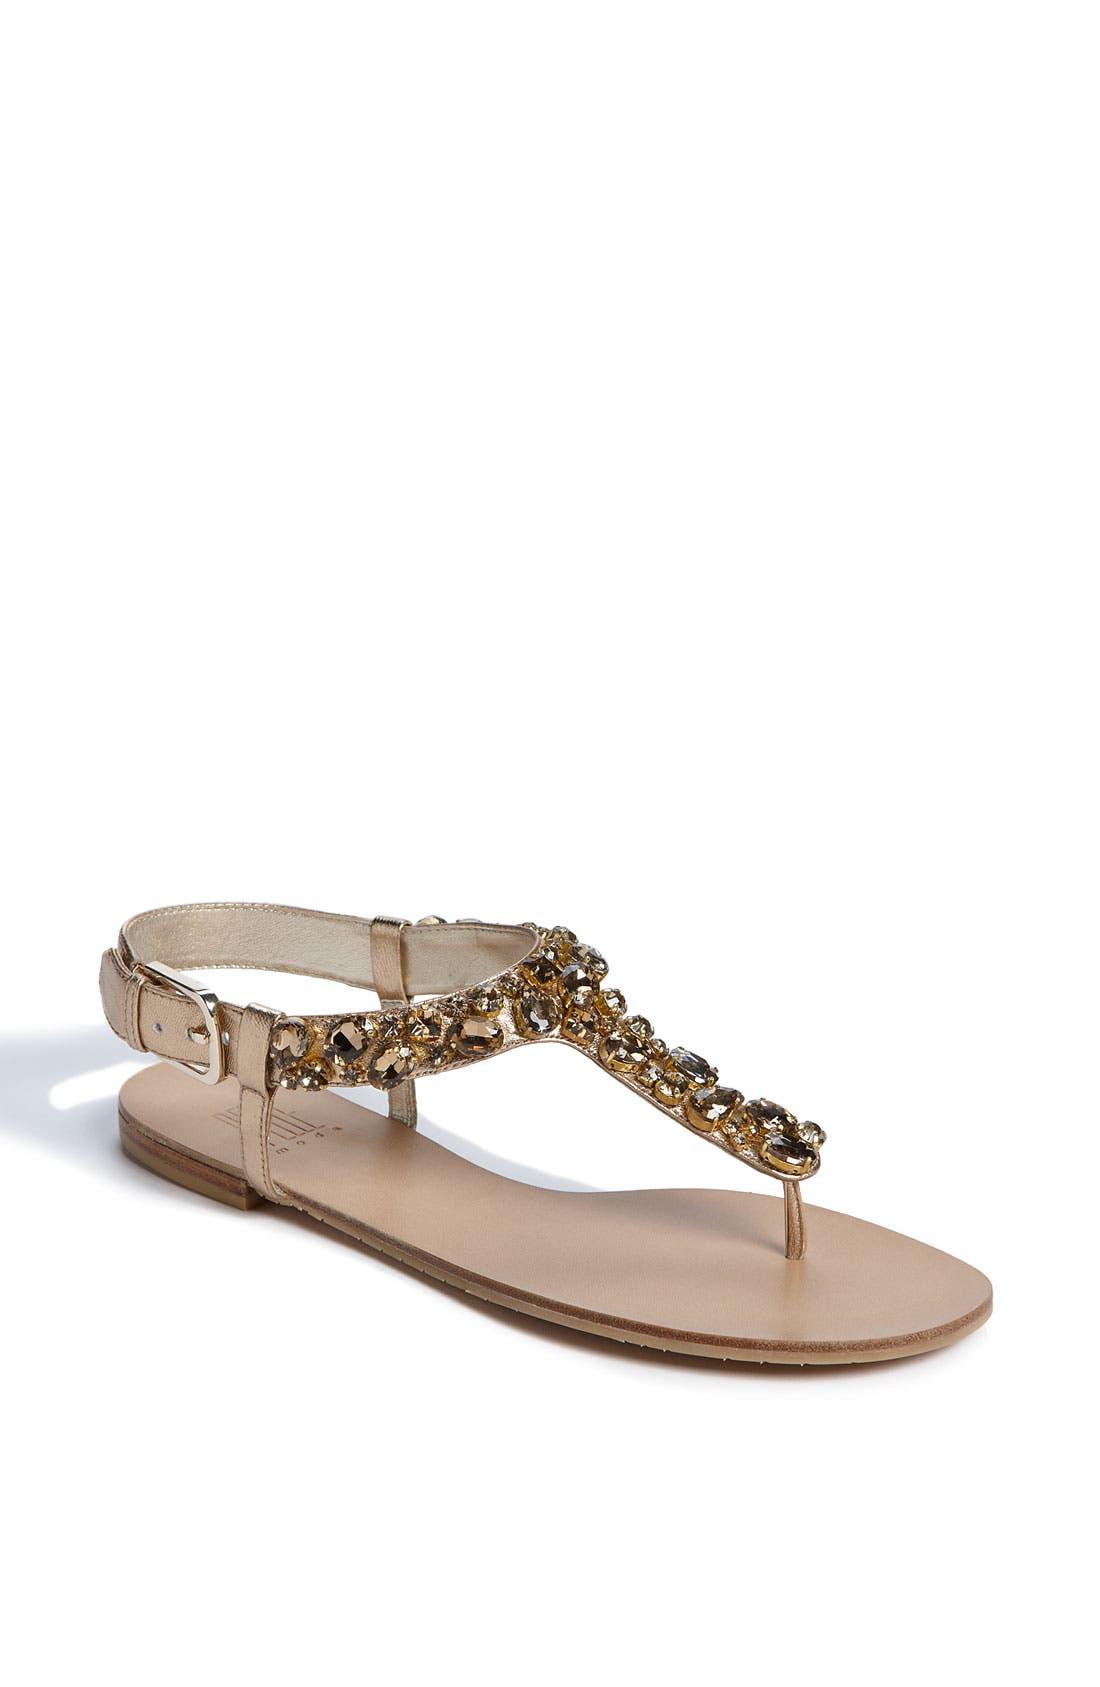 Alternate Image 1 Selected - Pelle Moda 'Hanalee' Sandal